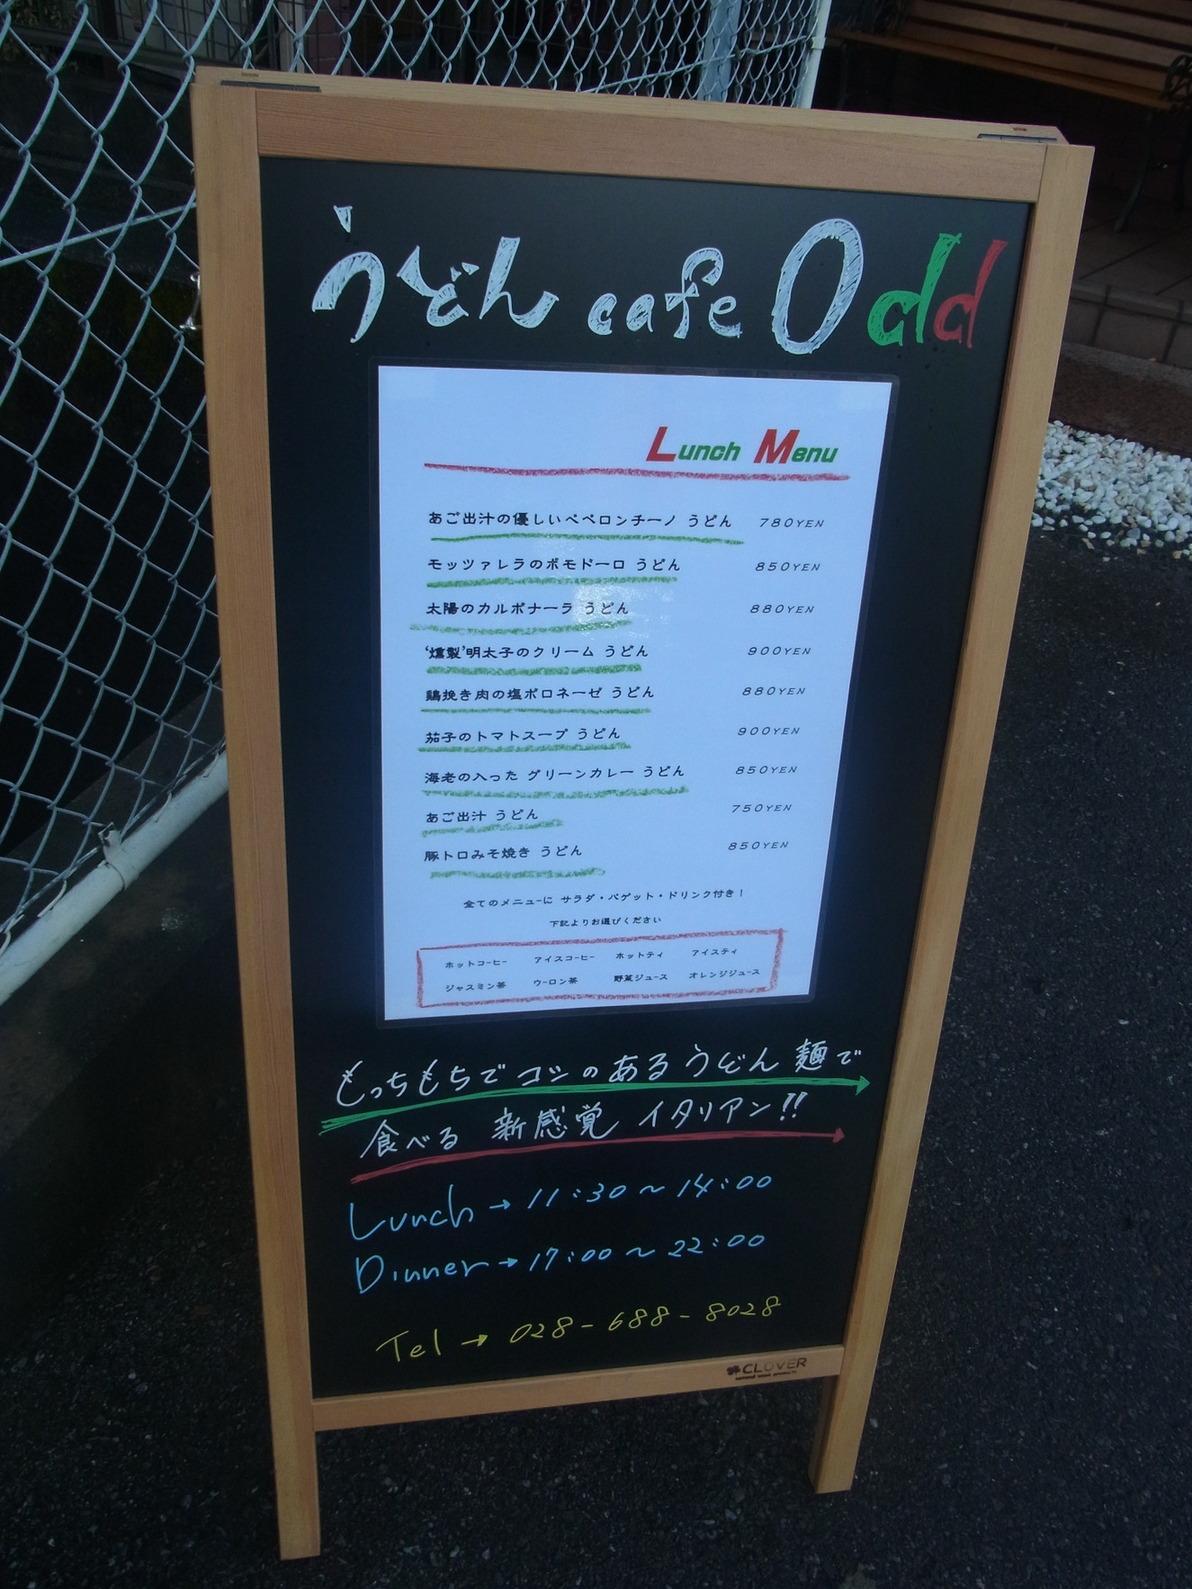 うどんcafe Odd